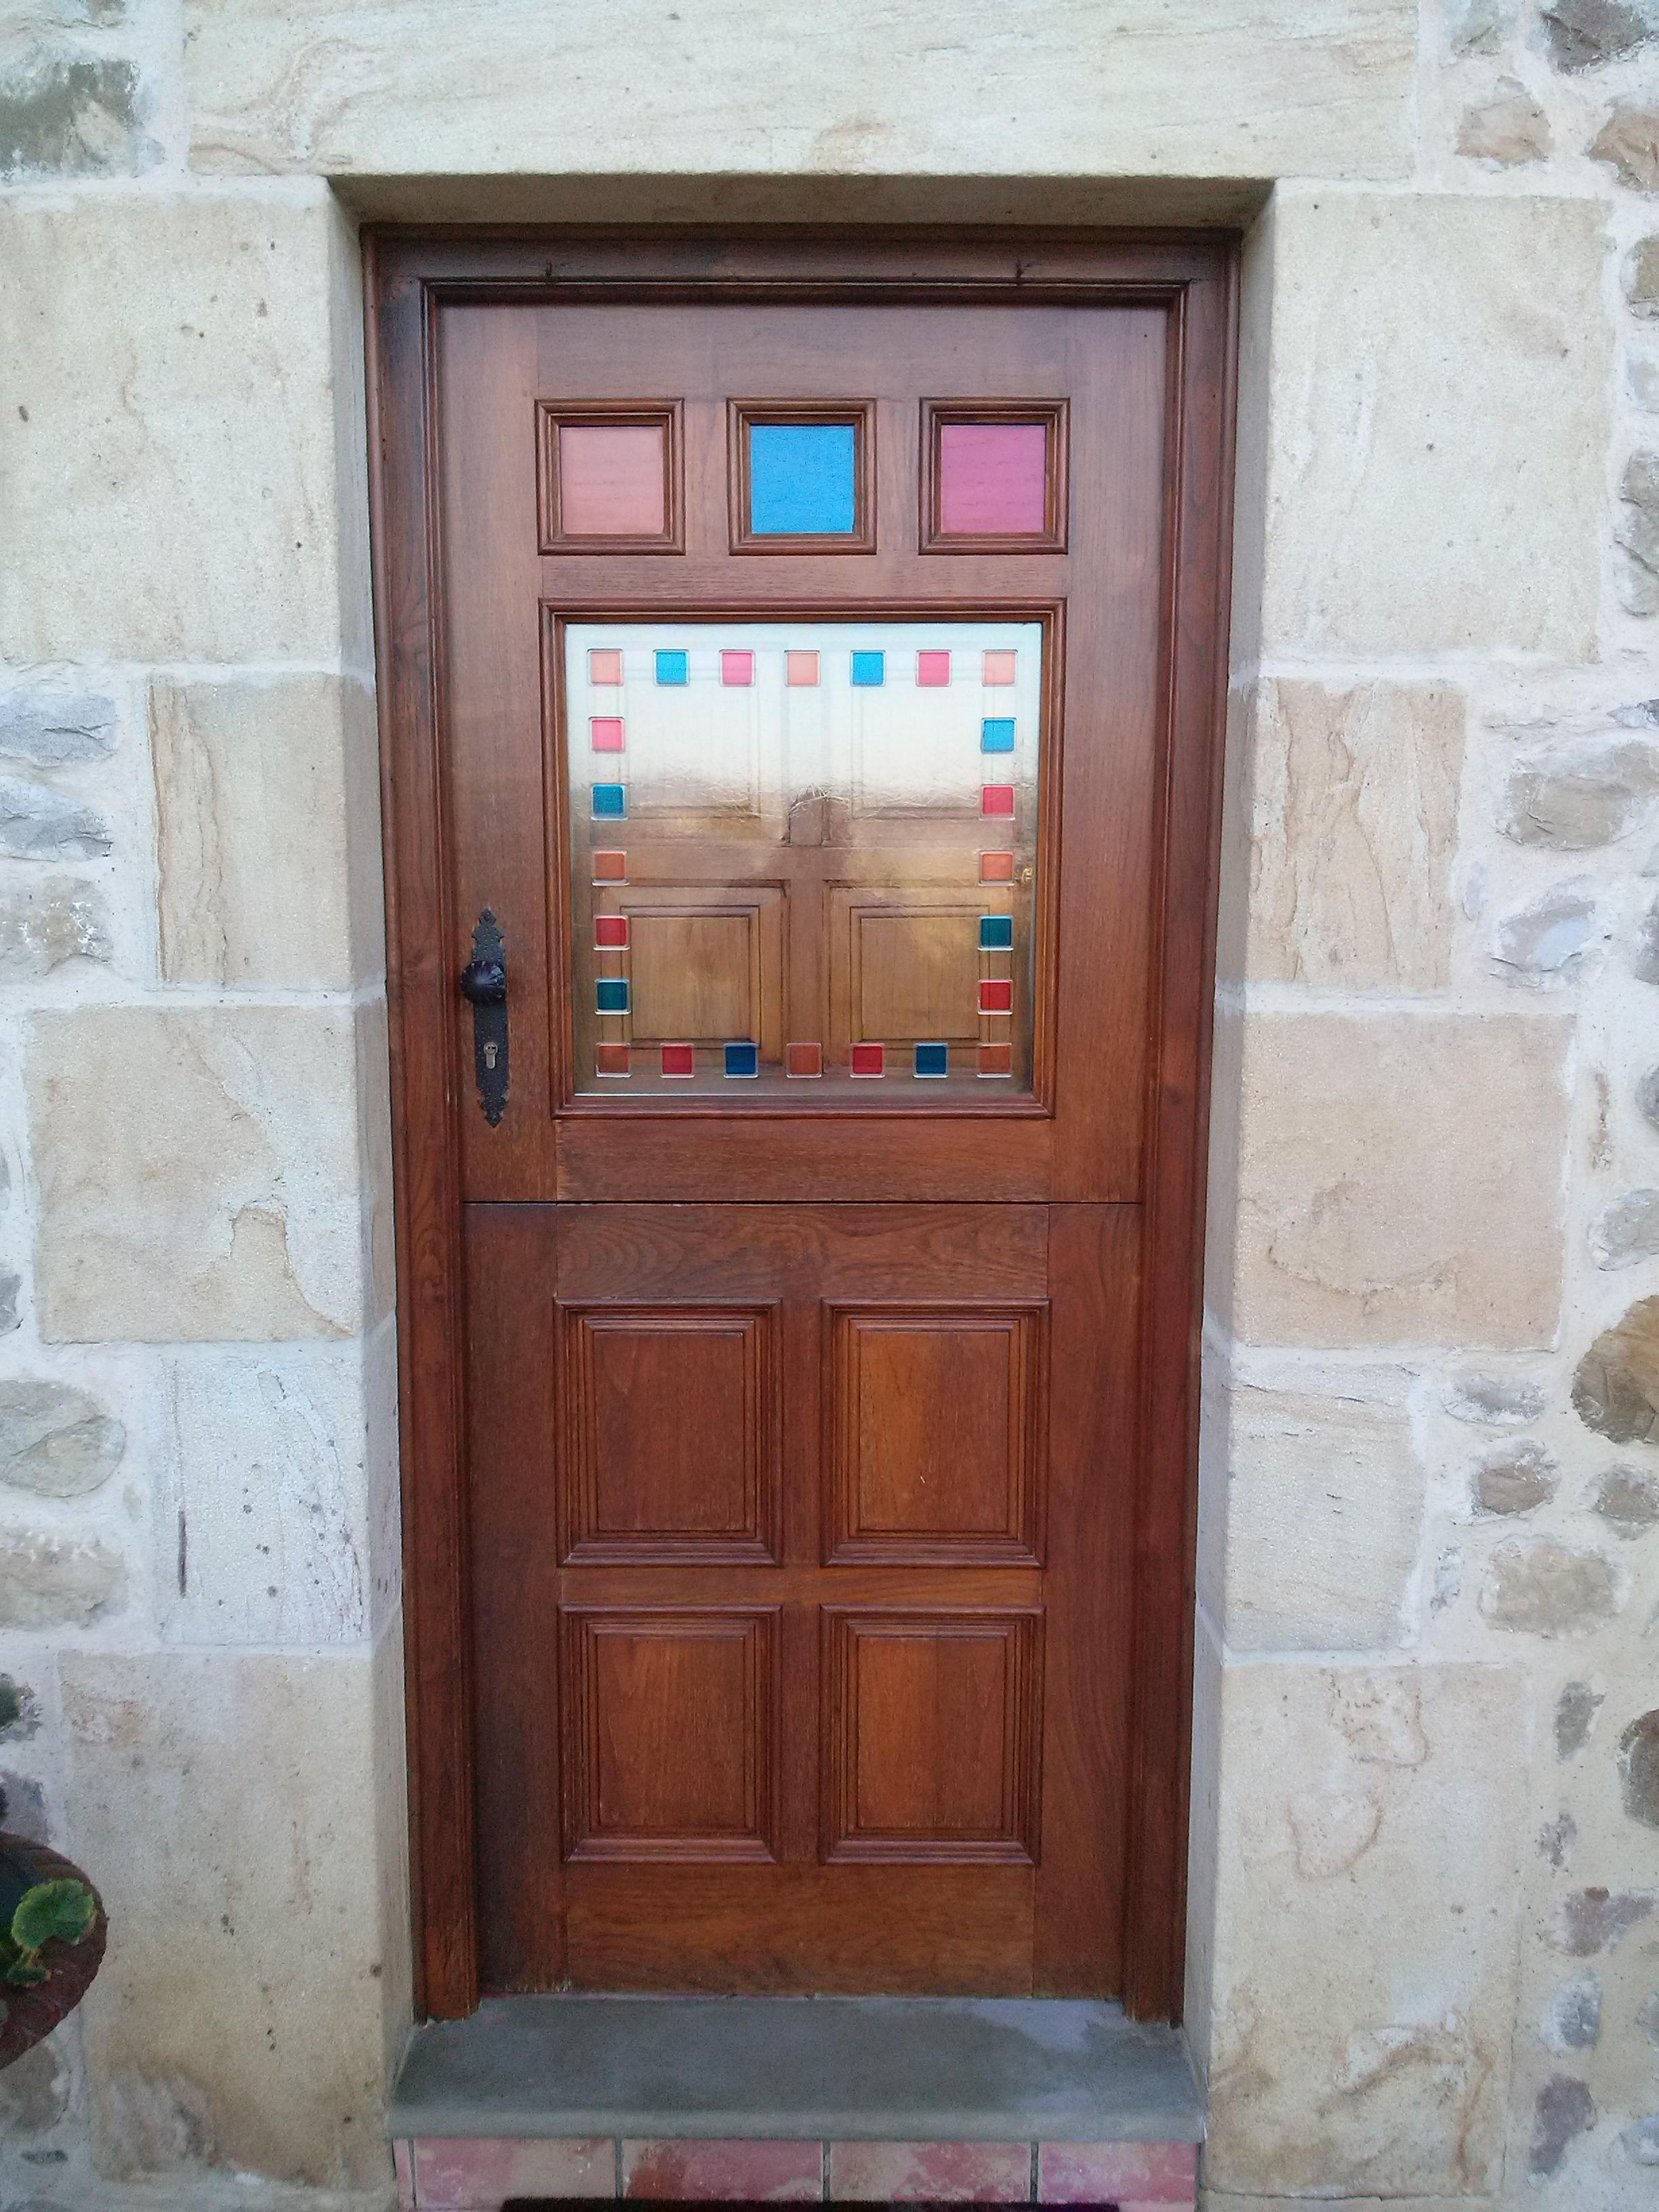 Puertas de entrada de cristal perfect incluso puertas correderas de cristal lacado con cierre - Puertas de entrada con cristal ...